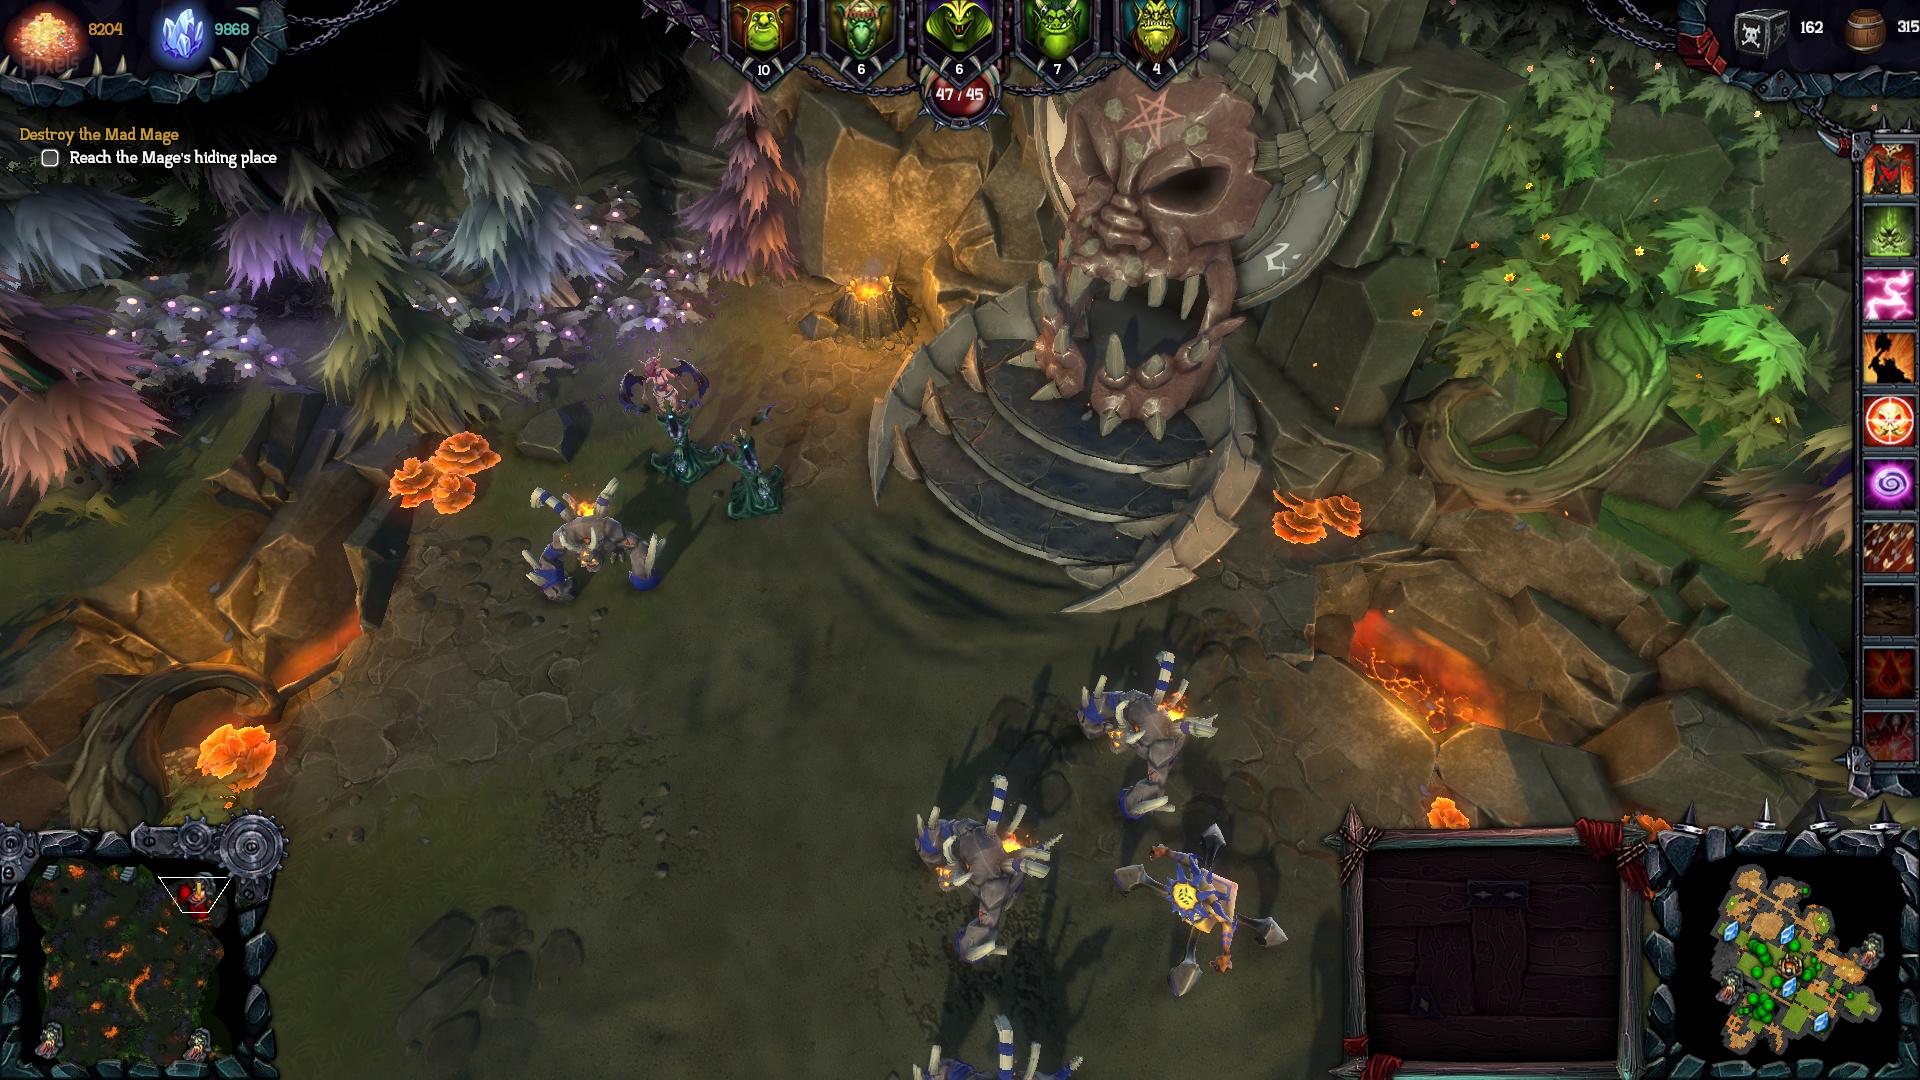 Игру Лорды Подземелья